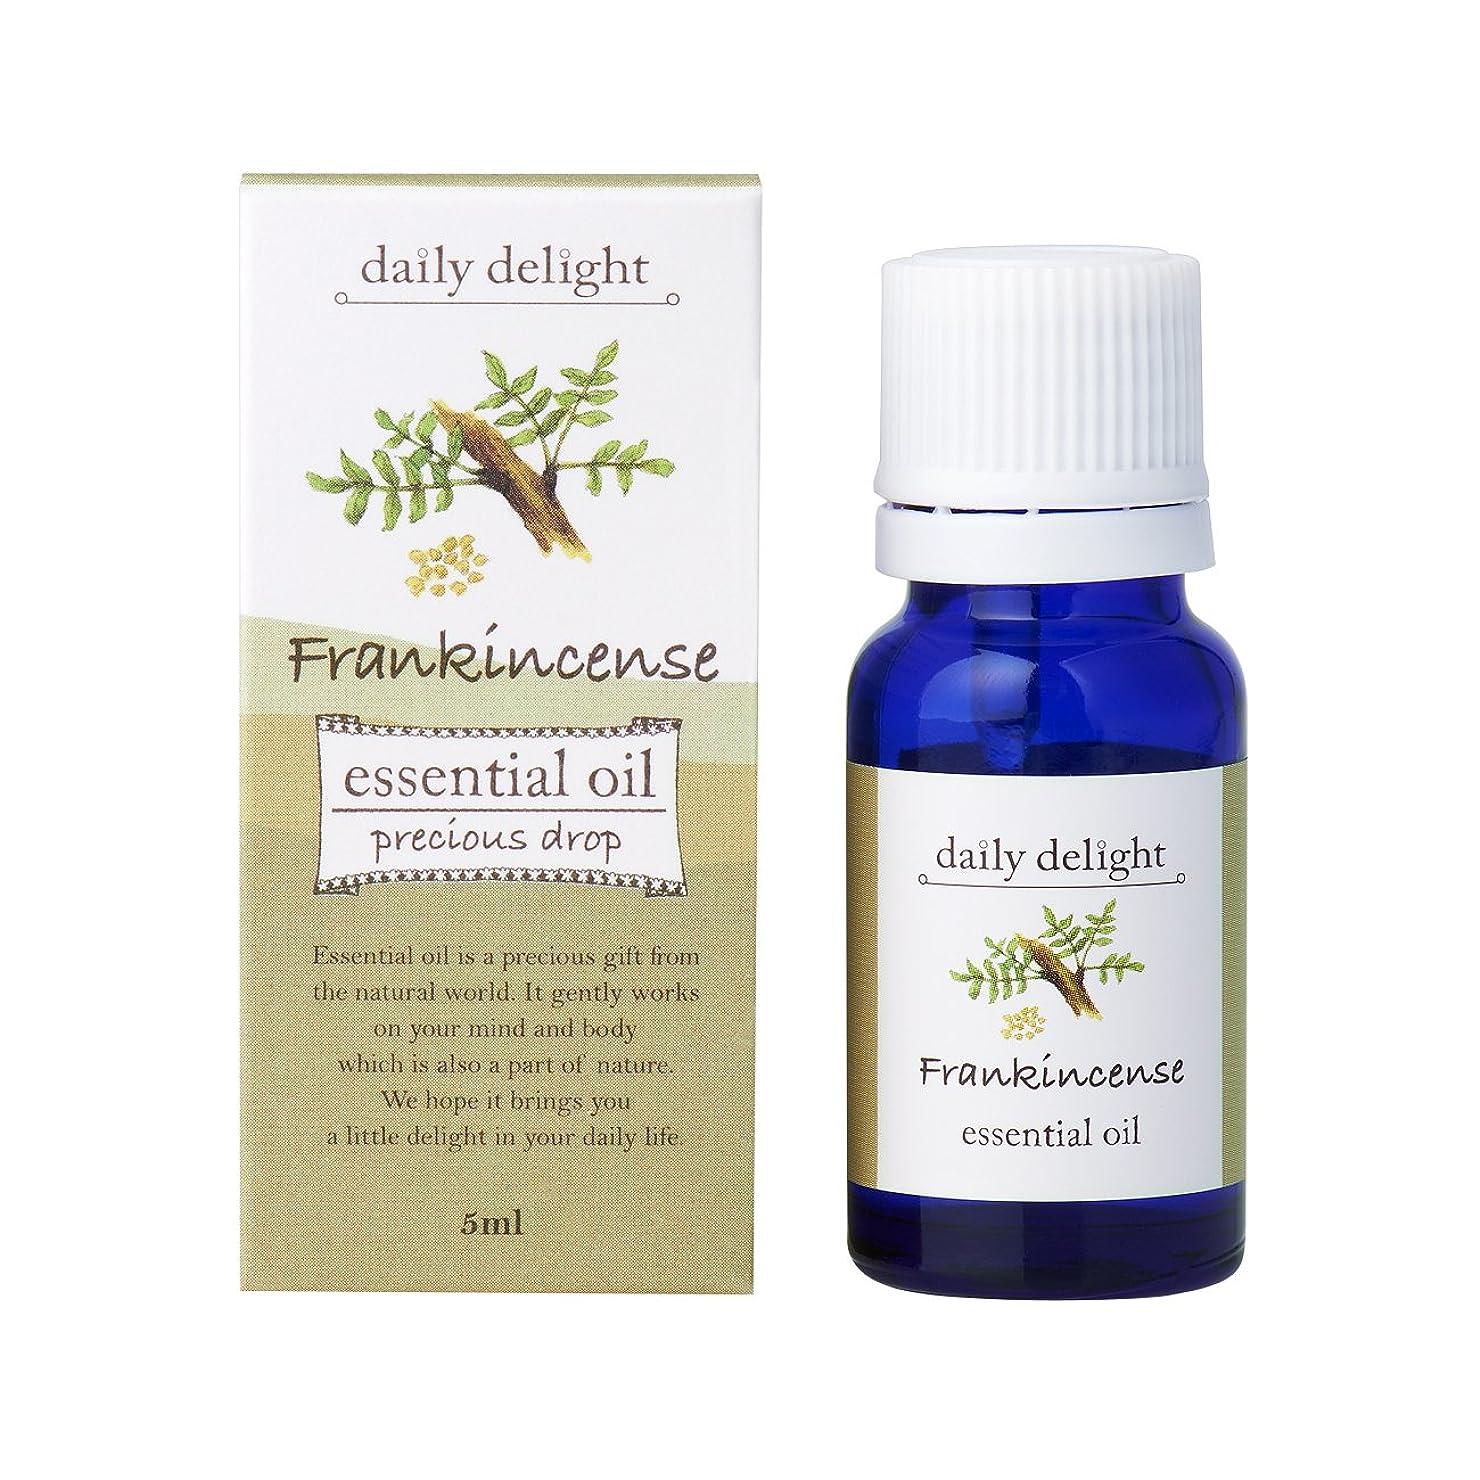 シリンダー大学生憎しみデイリーディライト エッセンシャルオイル フランキンセンス 5ml(天然100% 精油 アロマ 樹脂系 樹脂から採れるさわやかな木の香り)